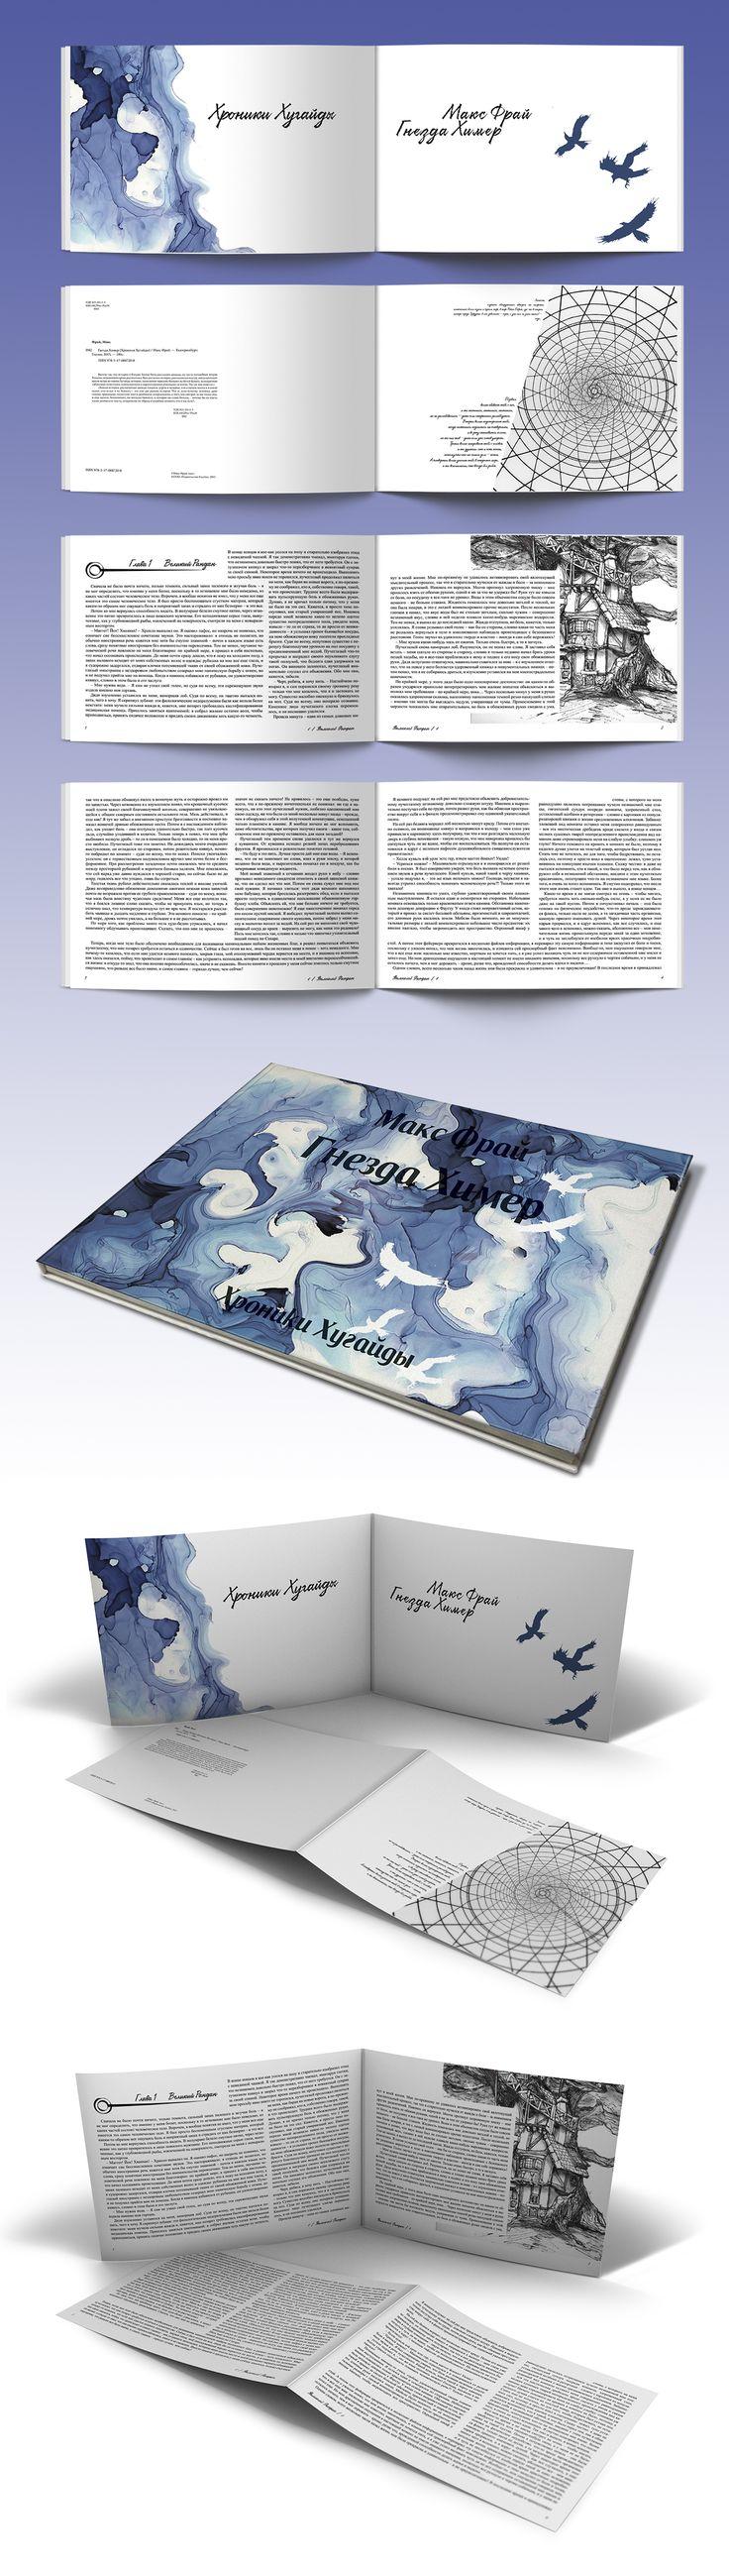 #дизайн #графический #книга #book #design